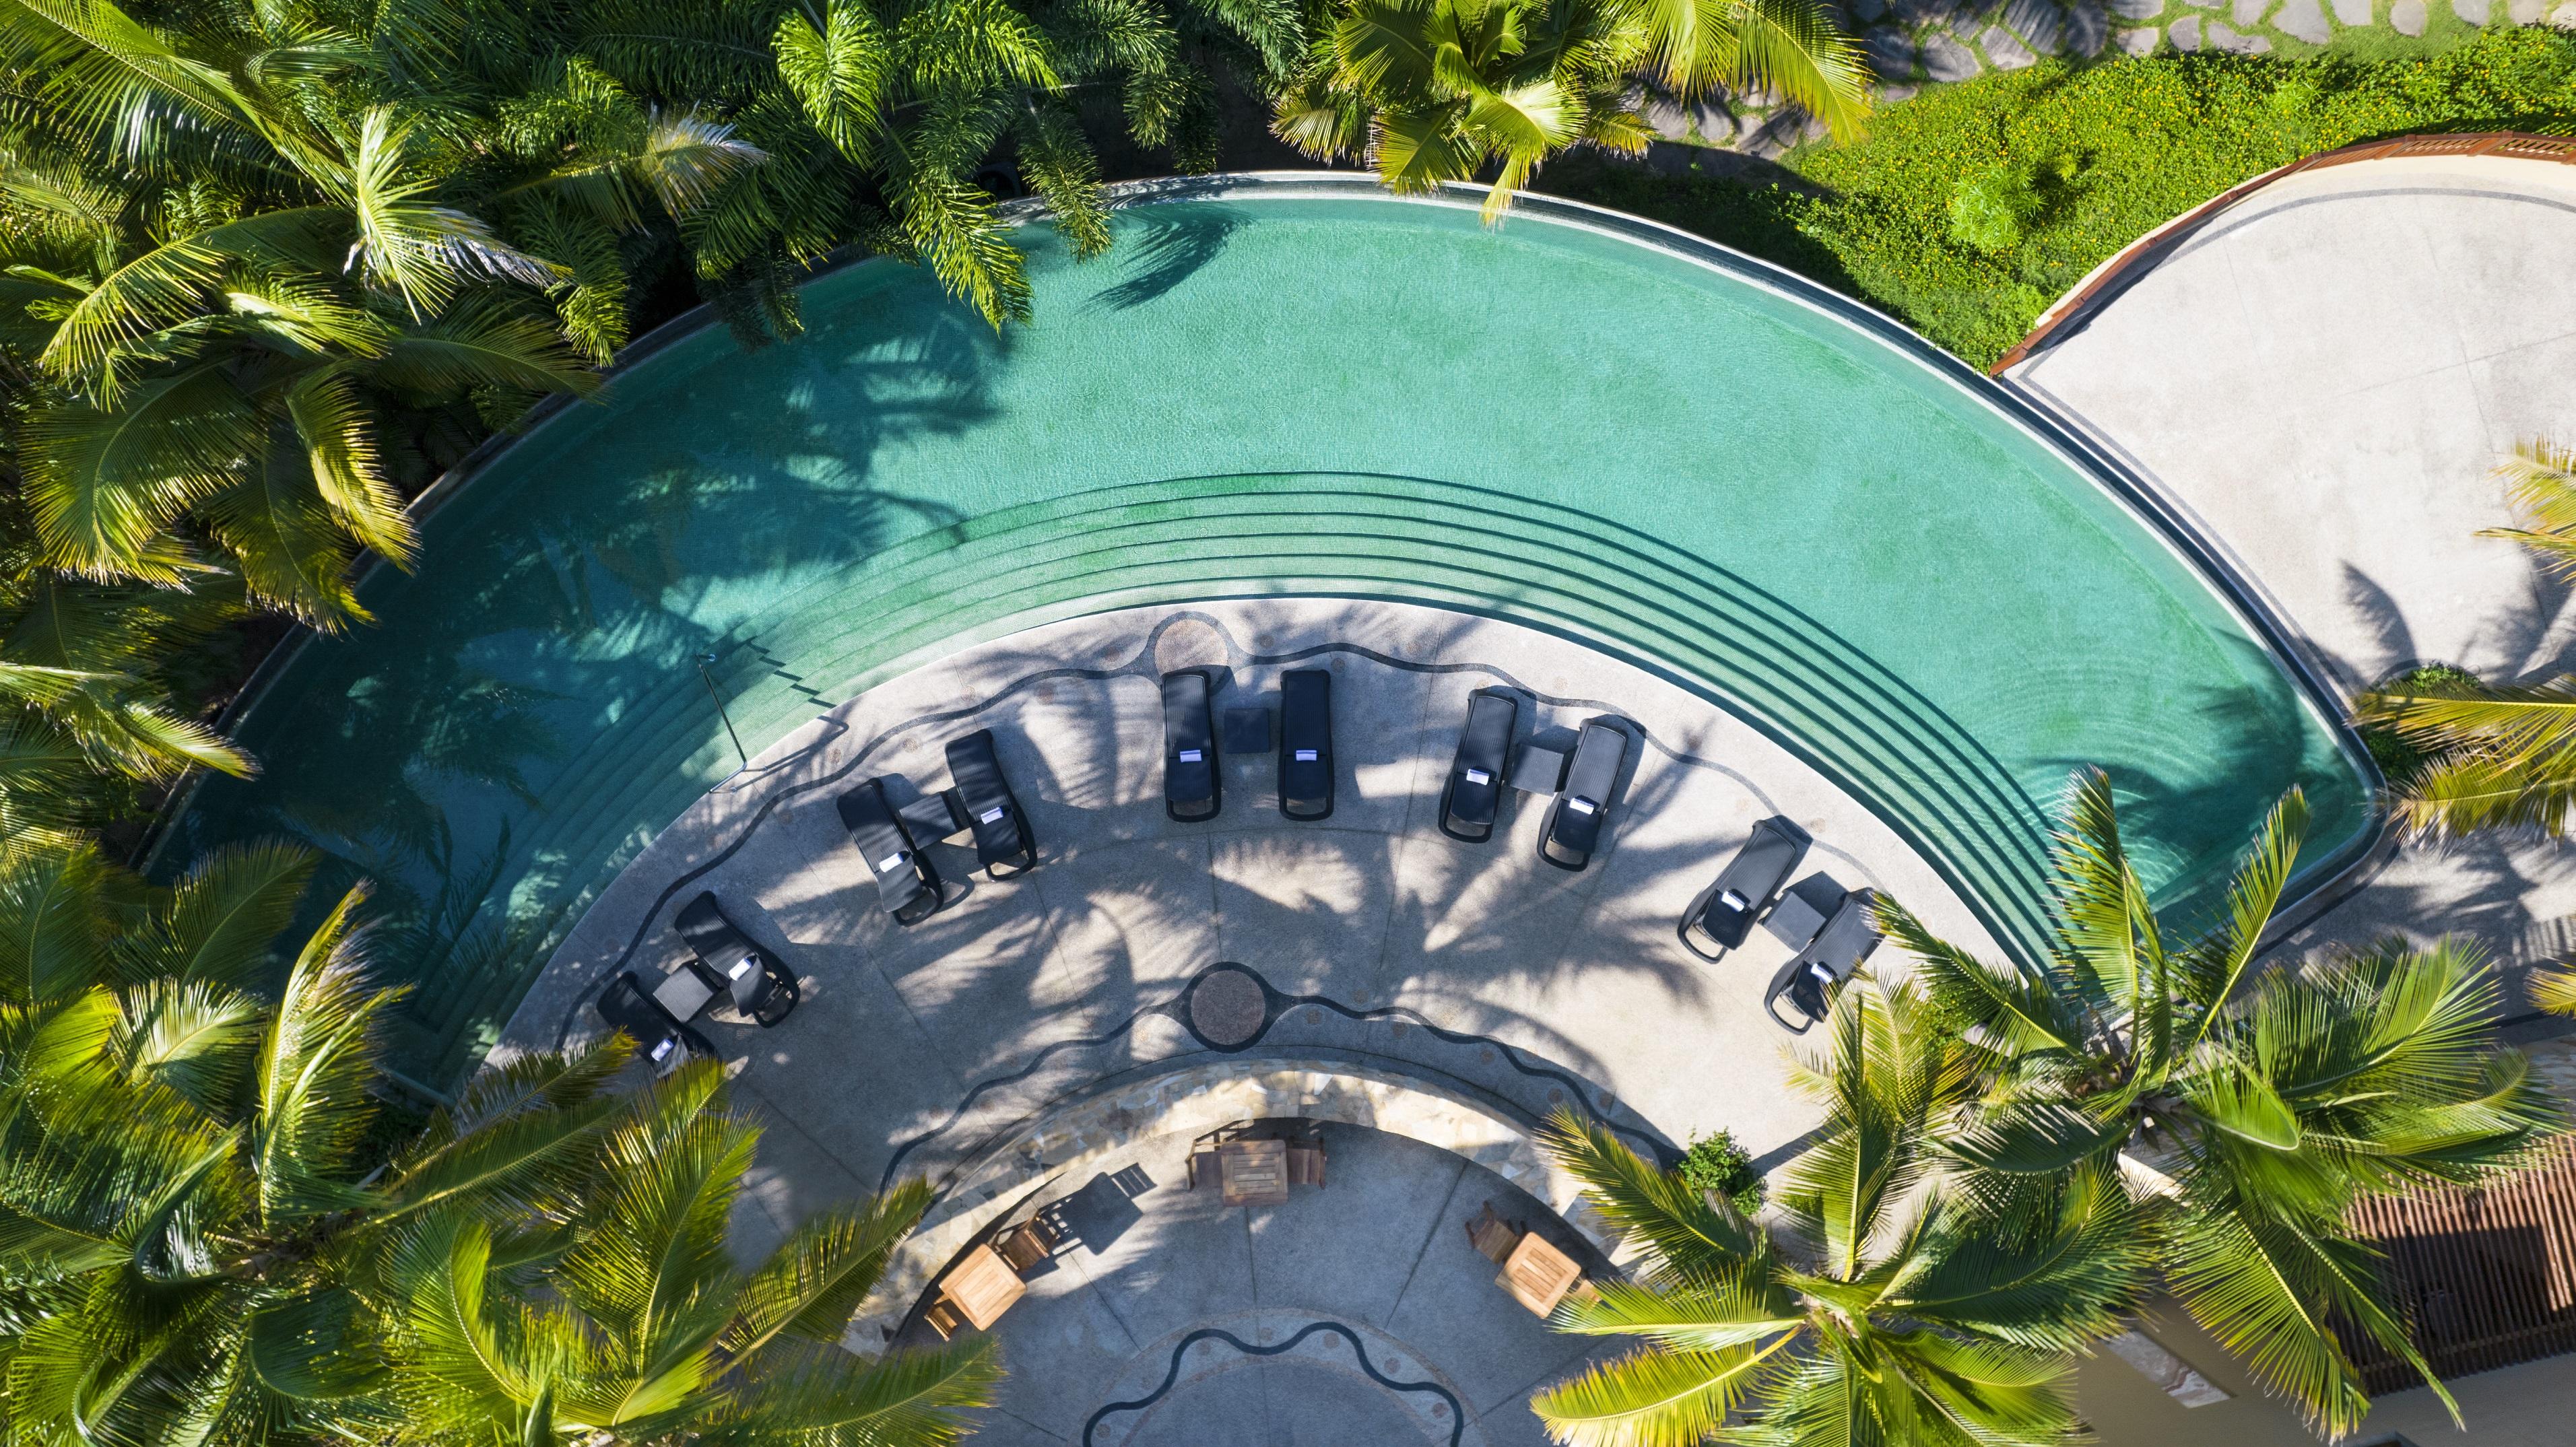 Hotel de luxo Riviera Nayarit no México